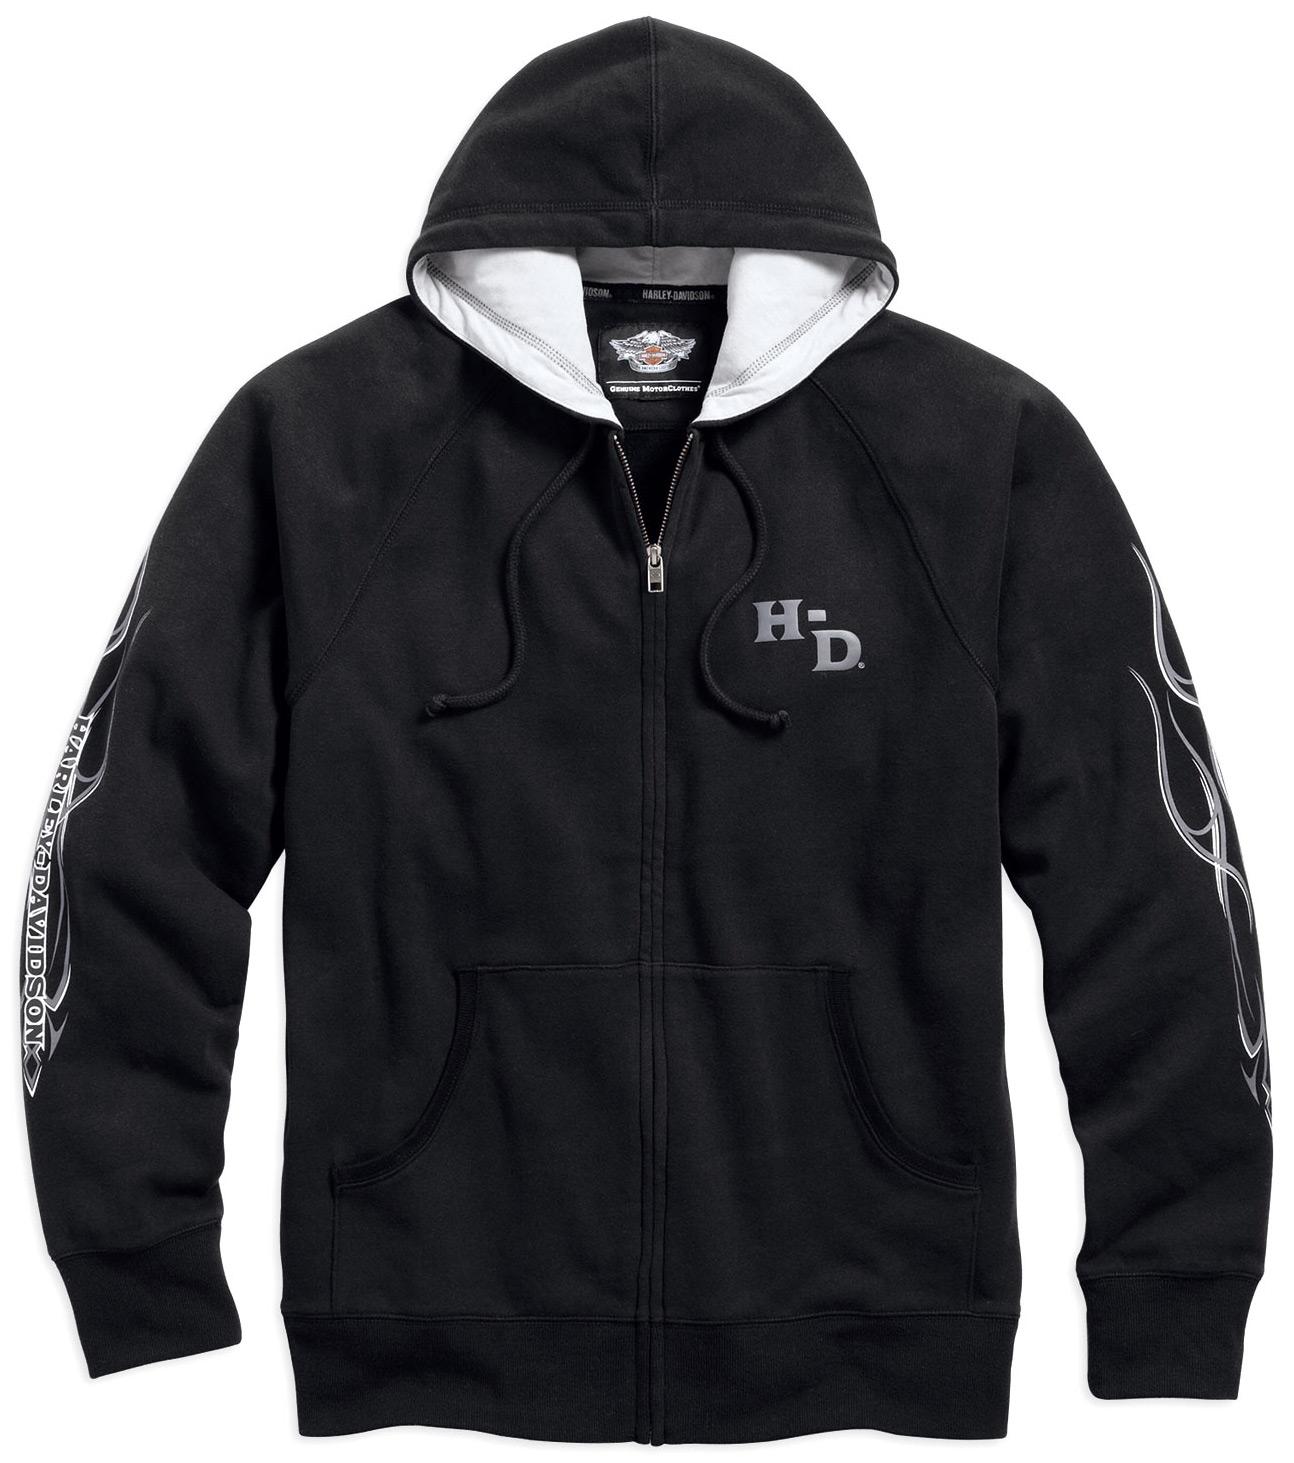 99027 16vm harley davidson hoodie pinstripe flames. Black Bedroom Furniture Sets. Home Design Ideas